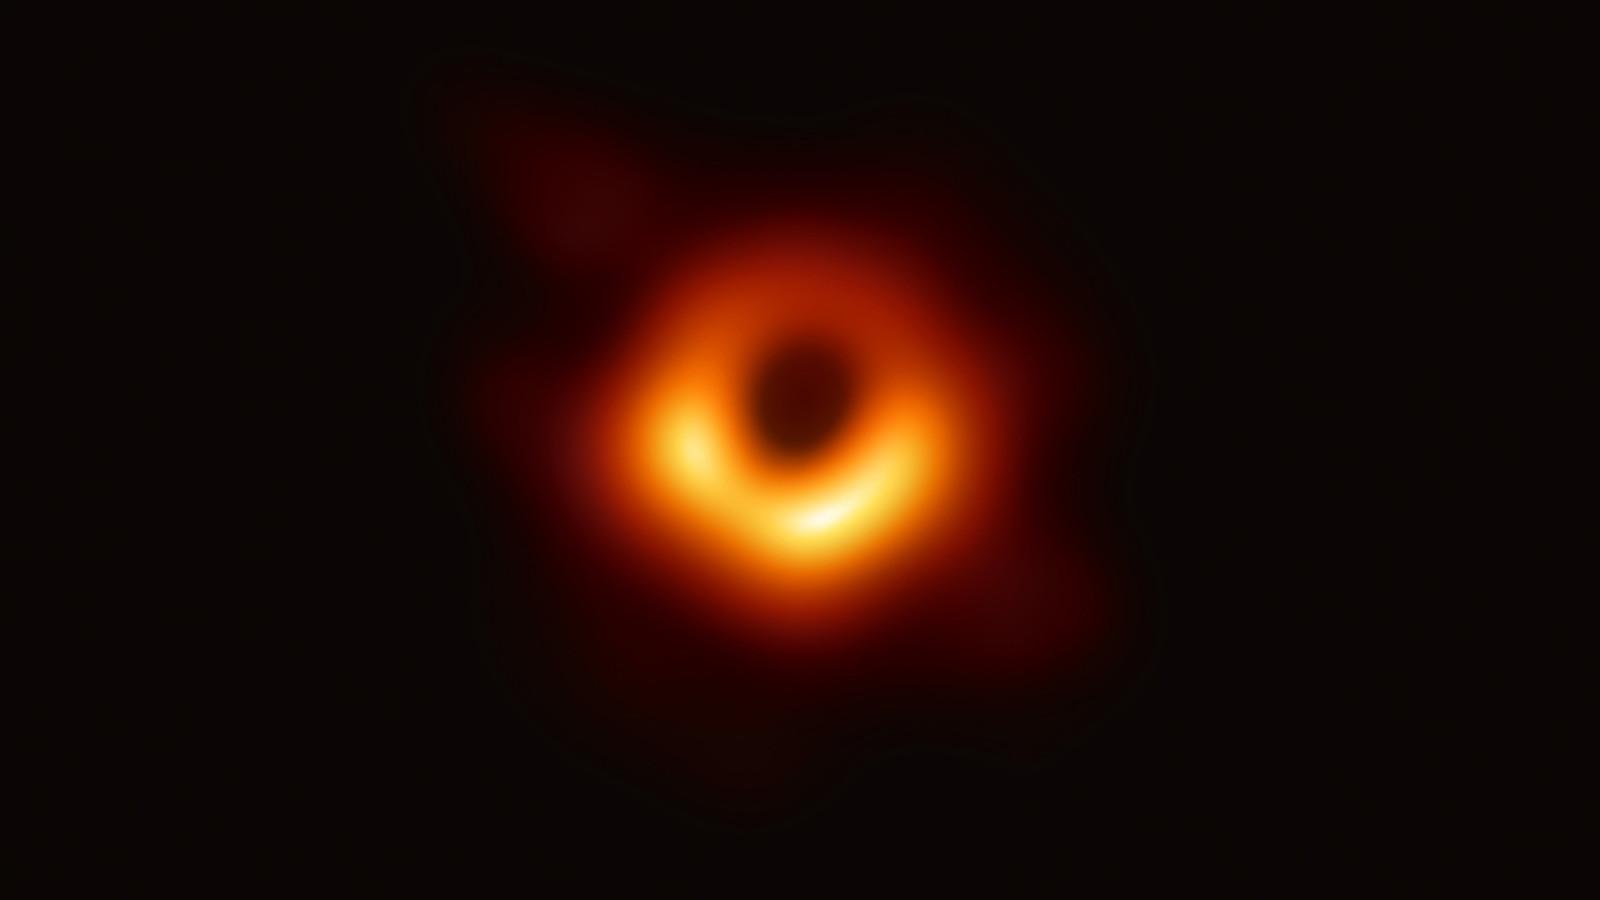 [강의 영상] 블랙홀, 알 듯 말 듯의 지평선 속으로